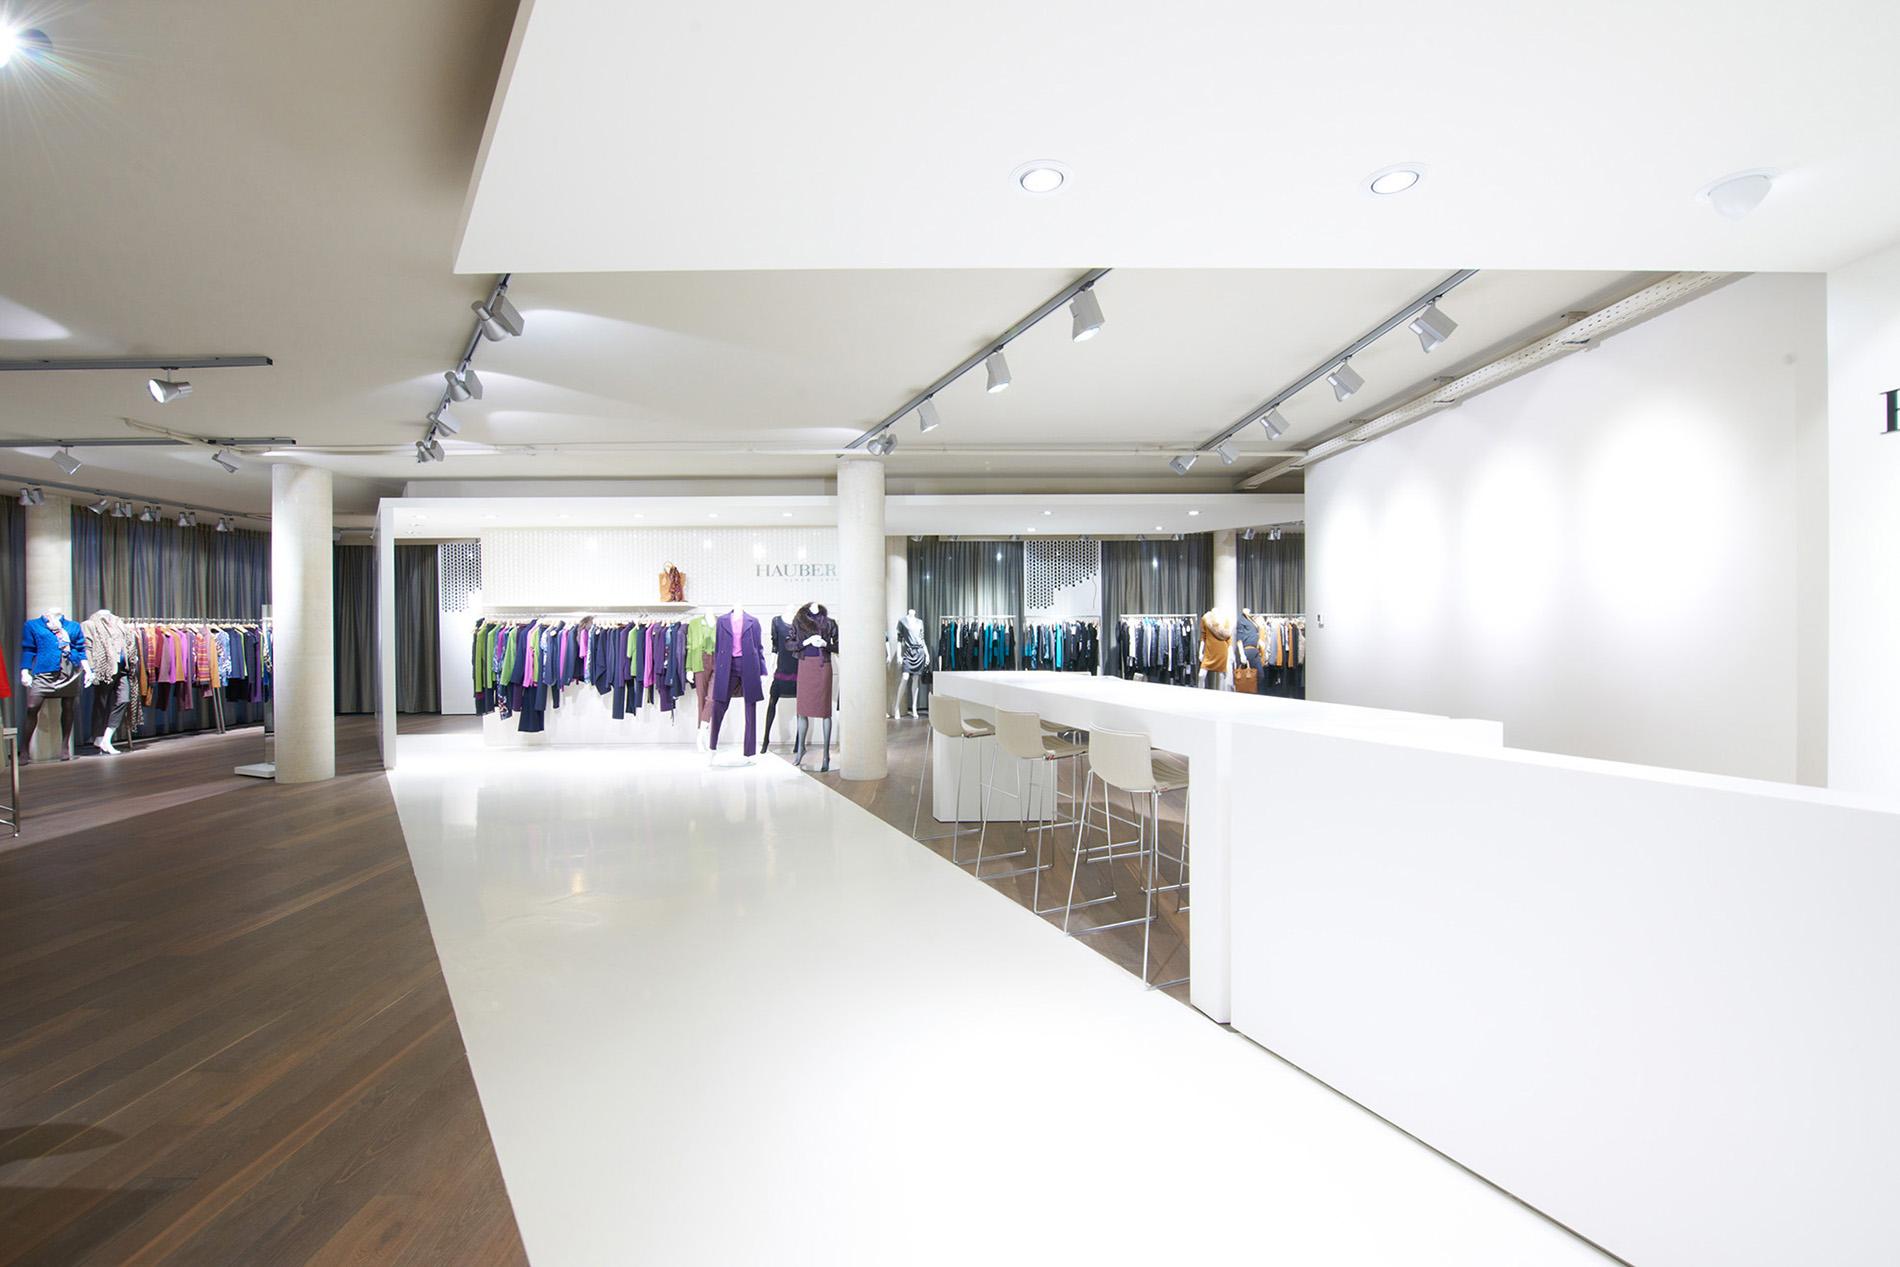 Fotodesign-matthias-schütz-hauber-showroom-1